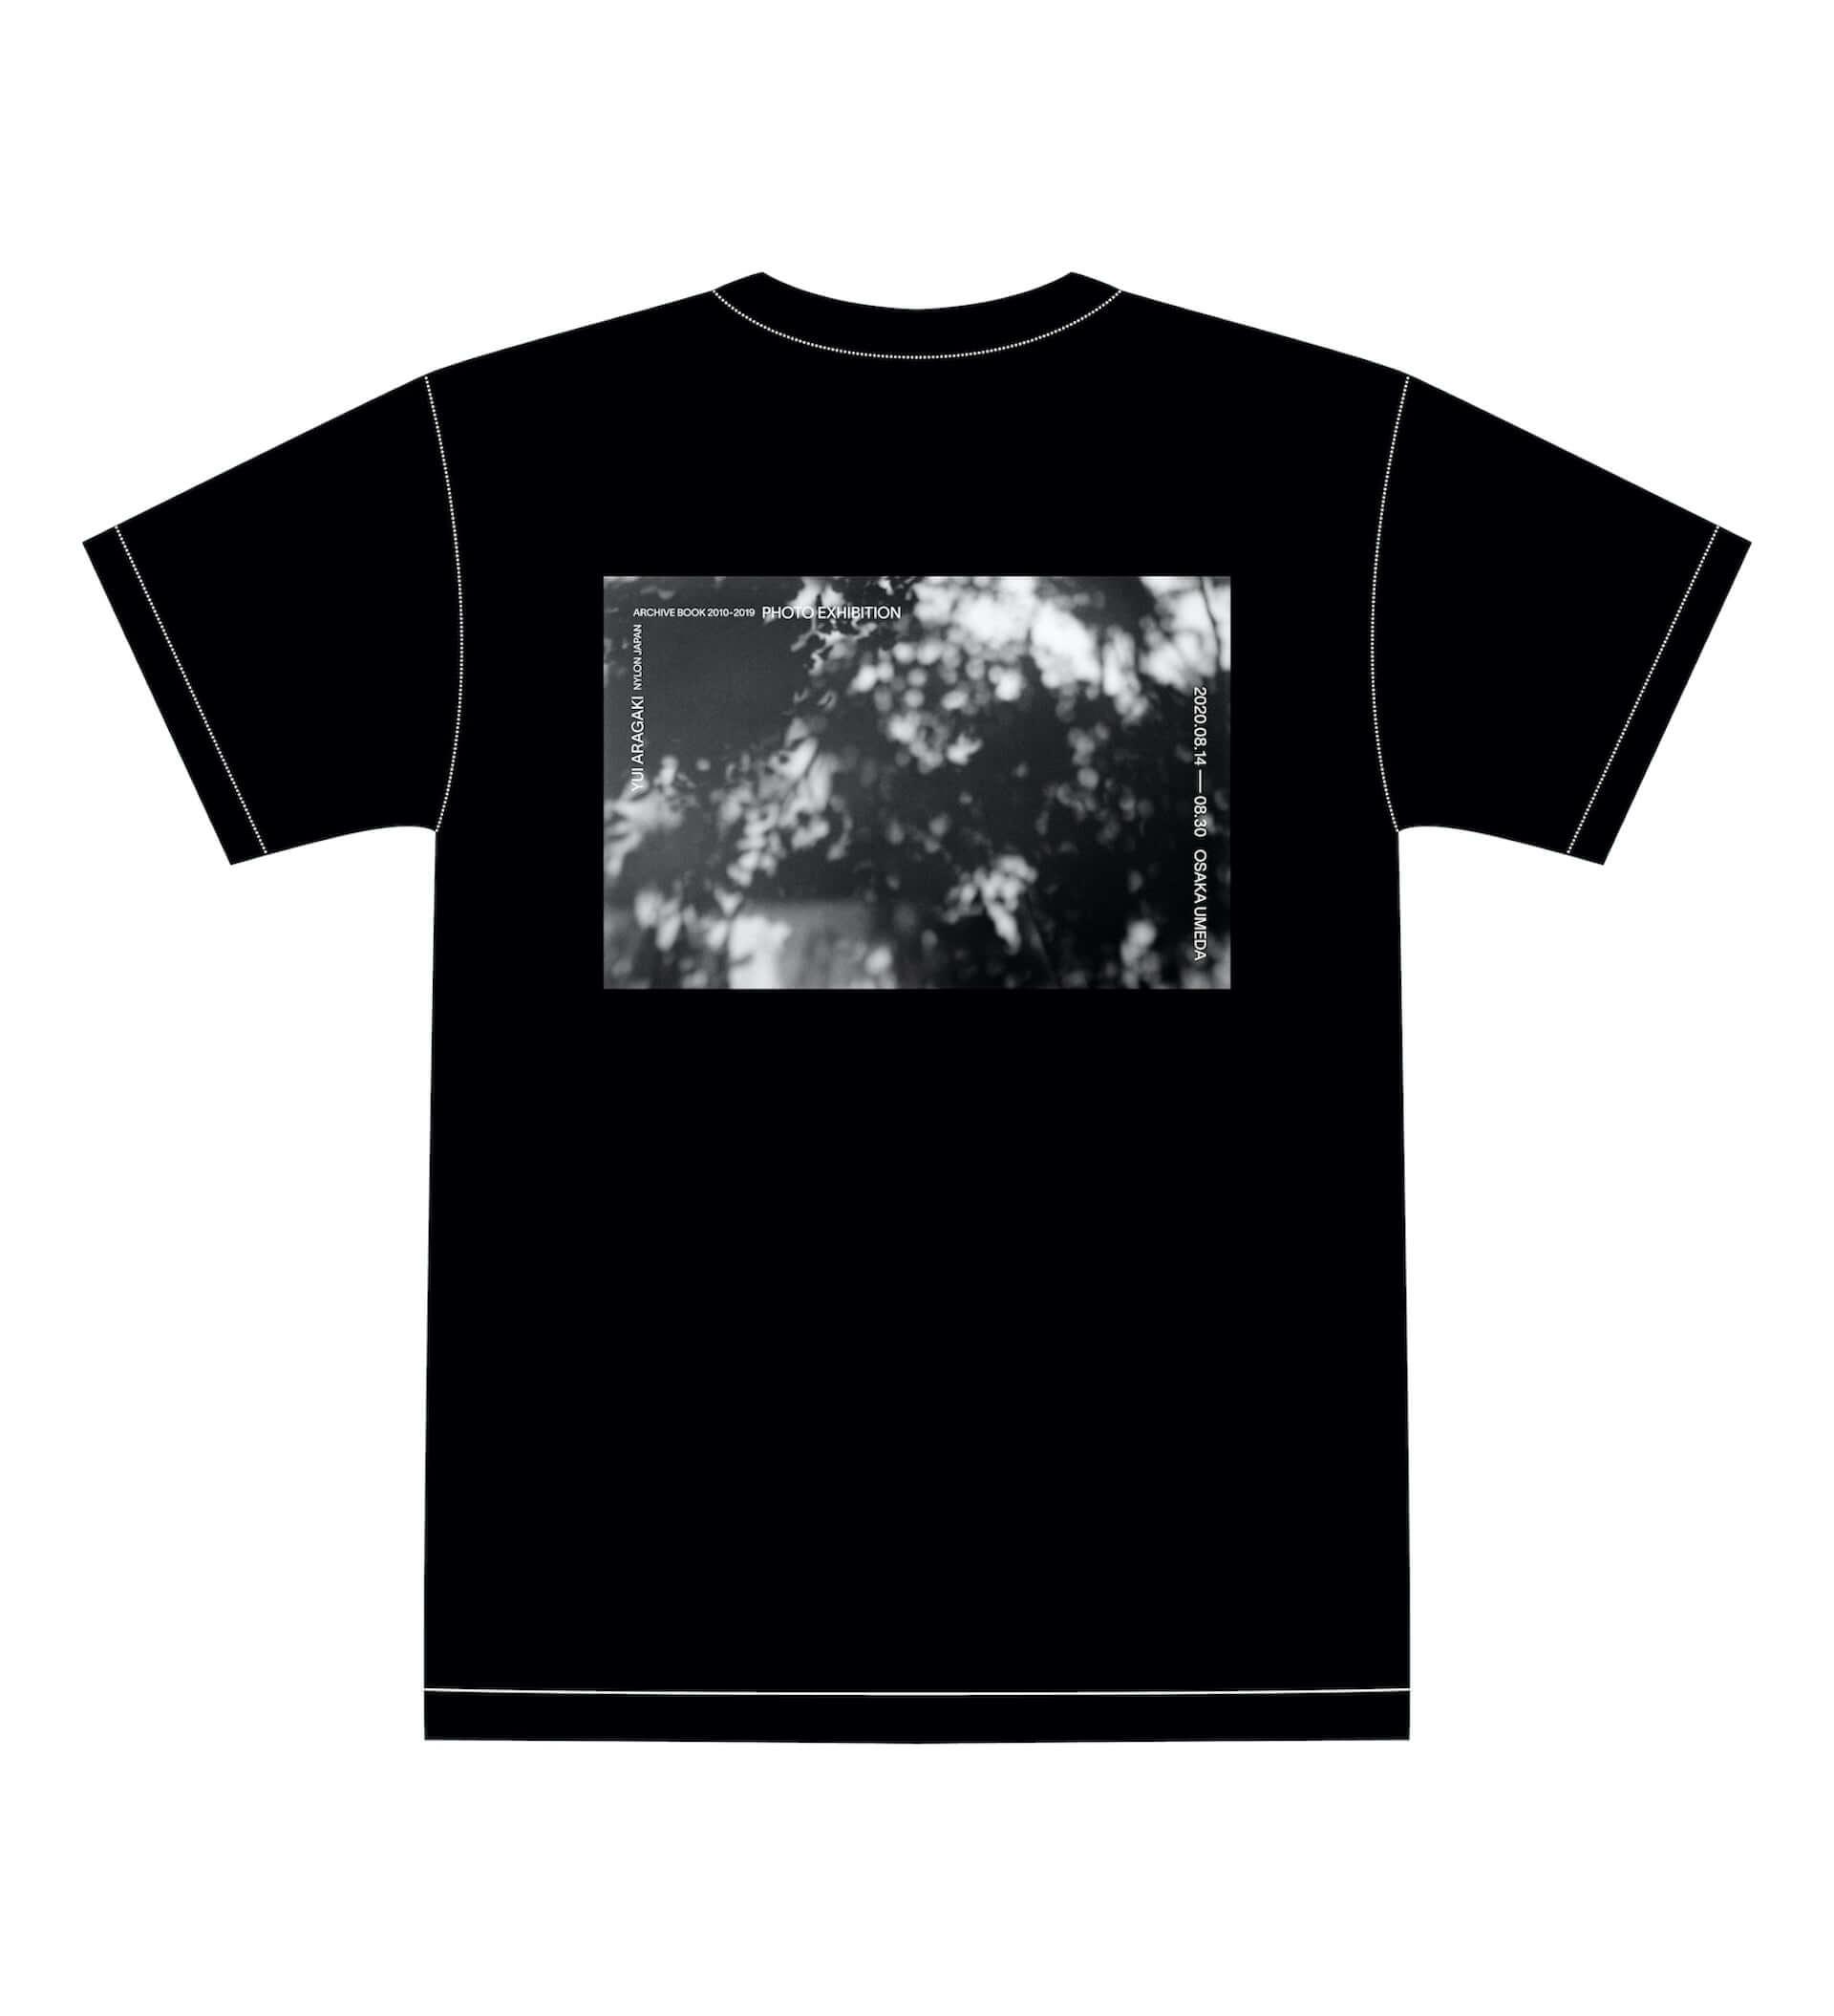 渋谷PARCOで大好評だった新垣結衣初の写真展が梅田ロフトでも開催決定!記念Tシャツ、トートバッグ、ポストカードも登場 art200803_yuiaragaki_14-1920x2110